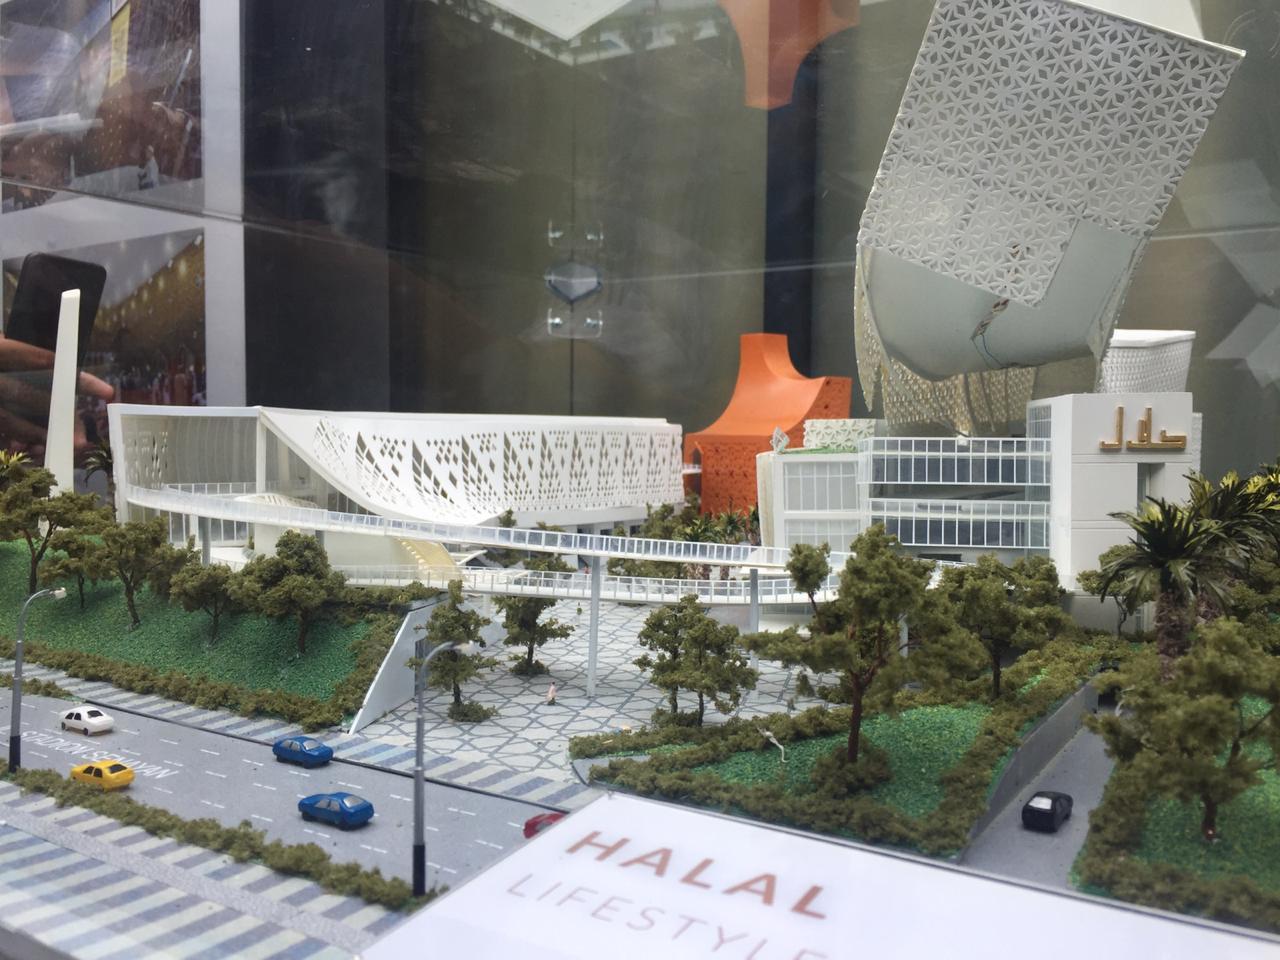 https: img-z.okeinfo.net content 2019 04 16 320 2044153 investasi-halal-park-capai-rp200-miliar-6d2befaKEE.jpg